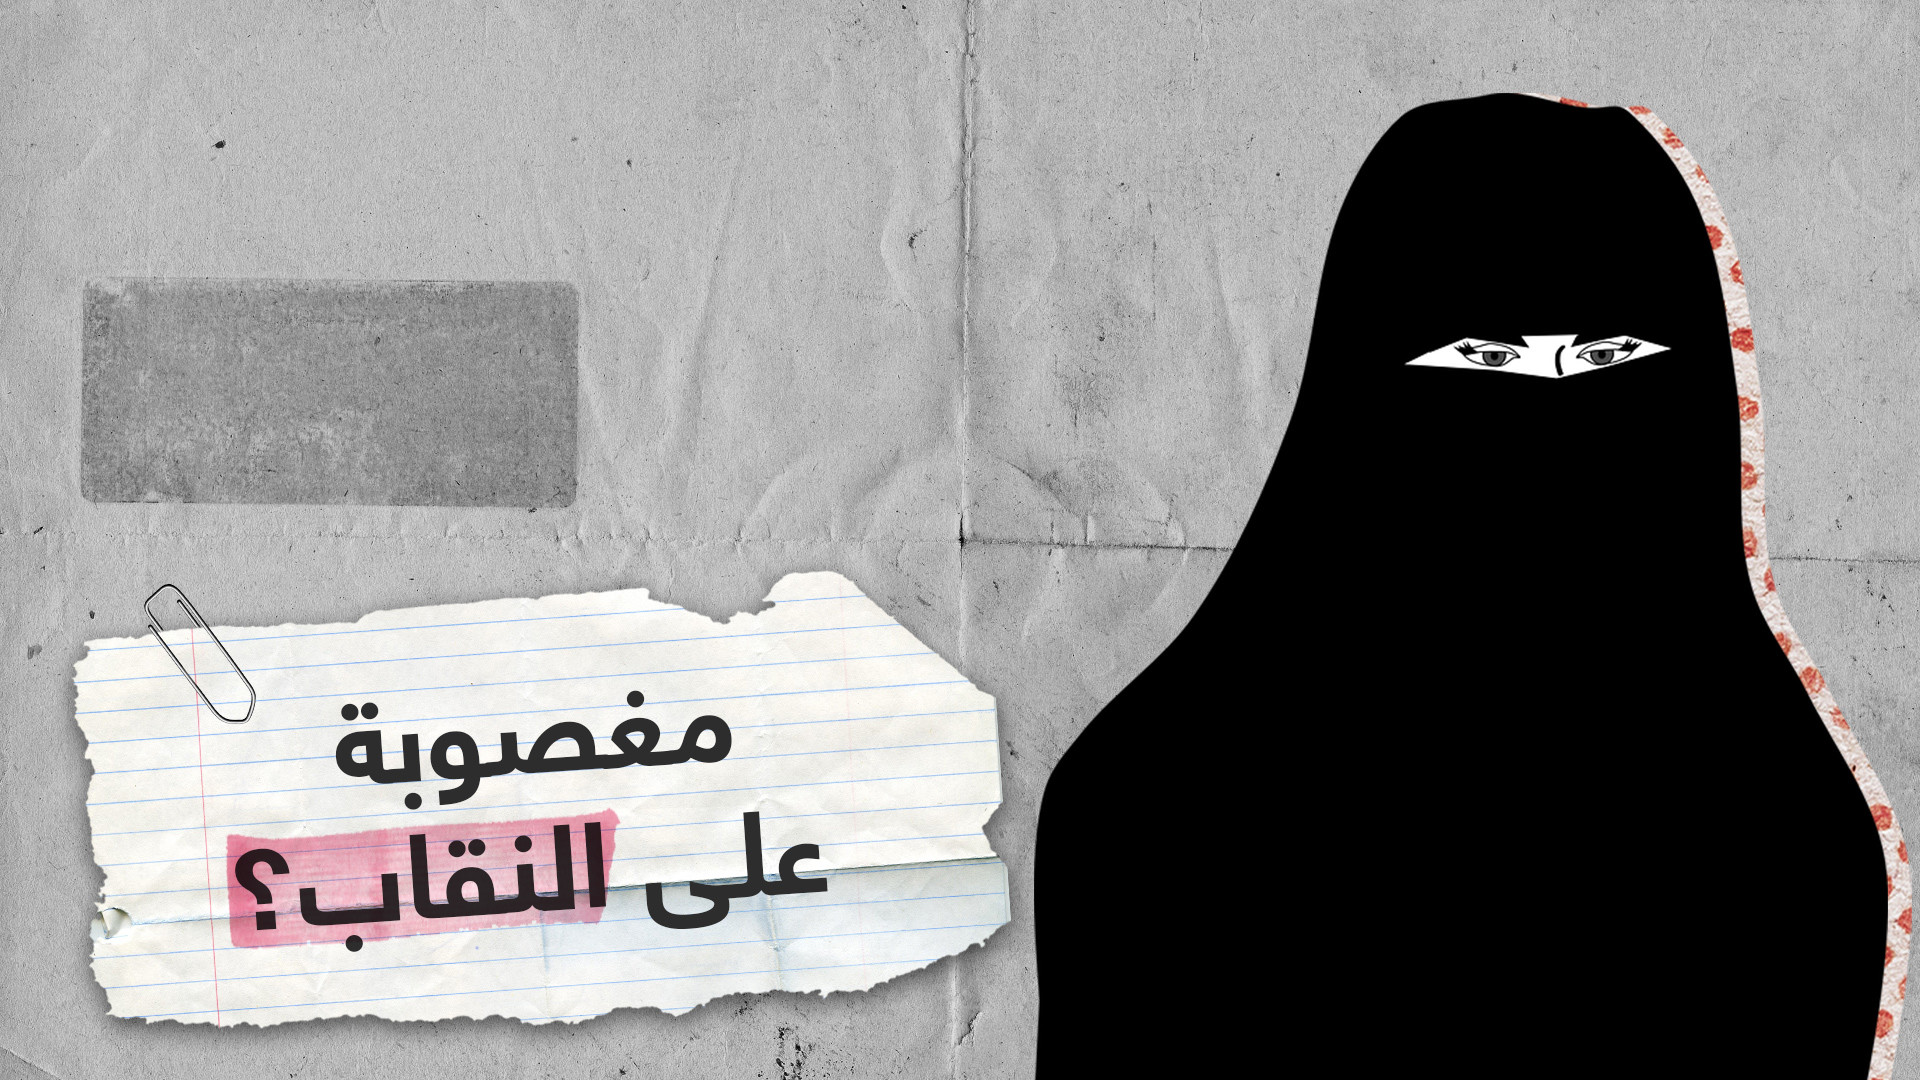 #مغصوبة_عالنقاب.. هاشتاغ بالسعودية فهل ستجعله الدولة خيارا بالمستقبل؟